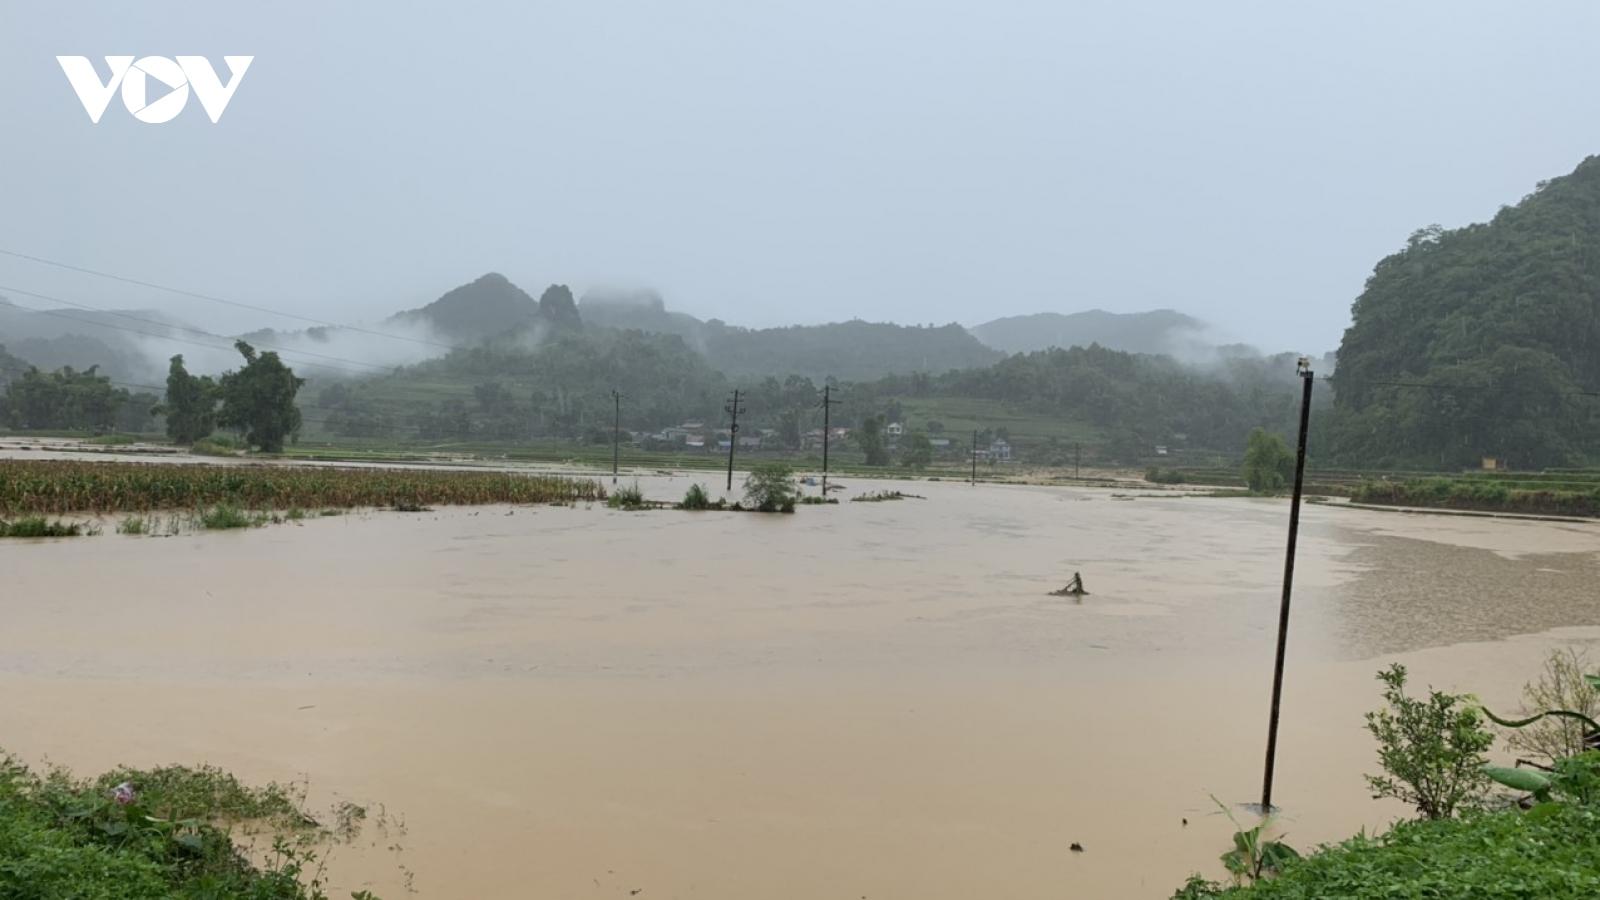 Hơn 100 ha lúa mùa ở Bắc Kạn bị ngập úng và cuốn trôi do mưa lũ